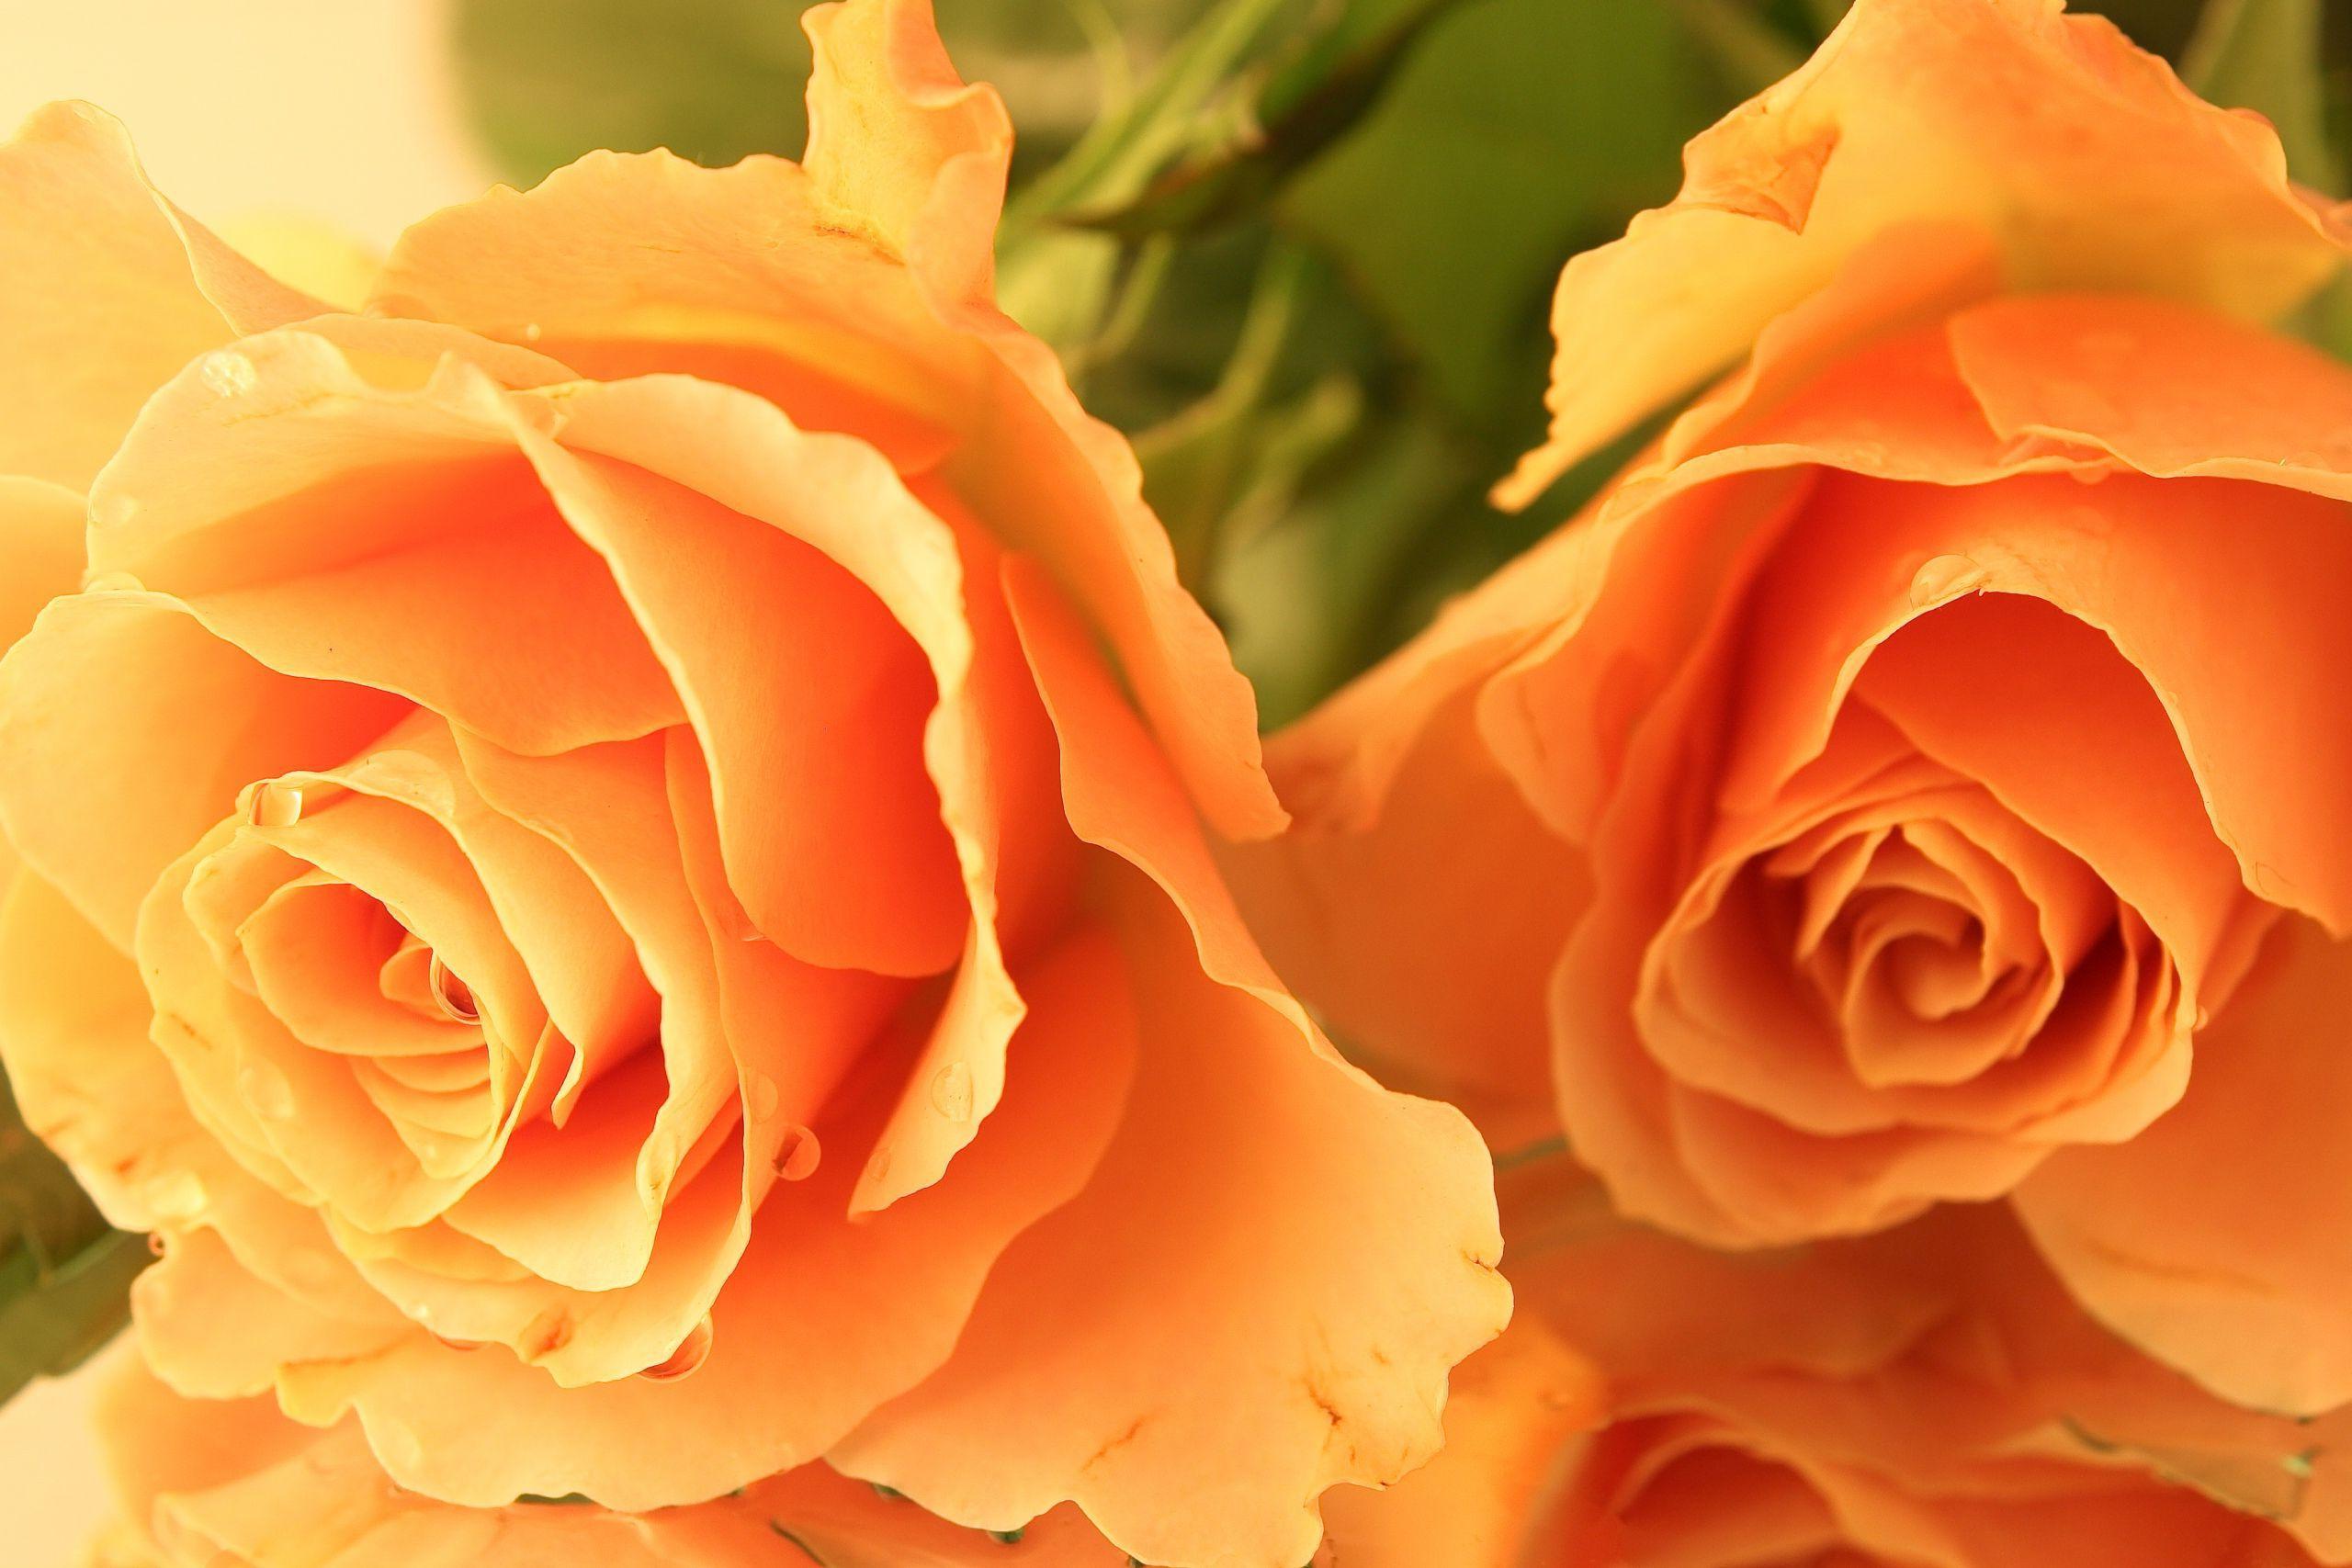 нужно оранжевая роза фото и открытки холодном климате